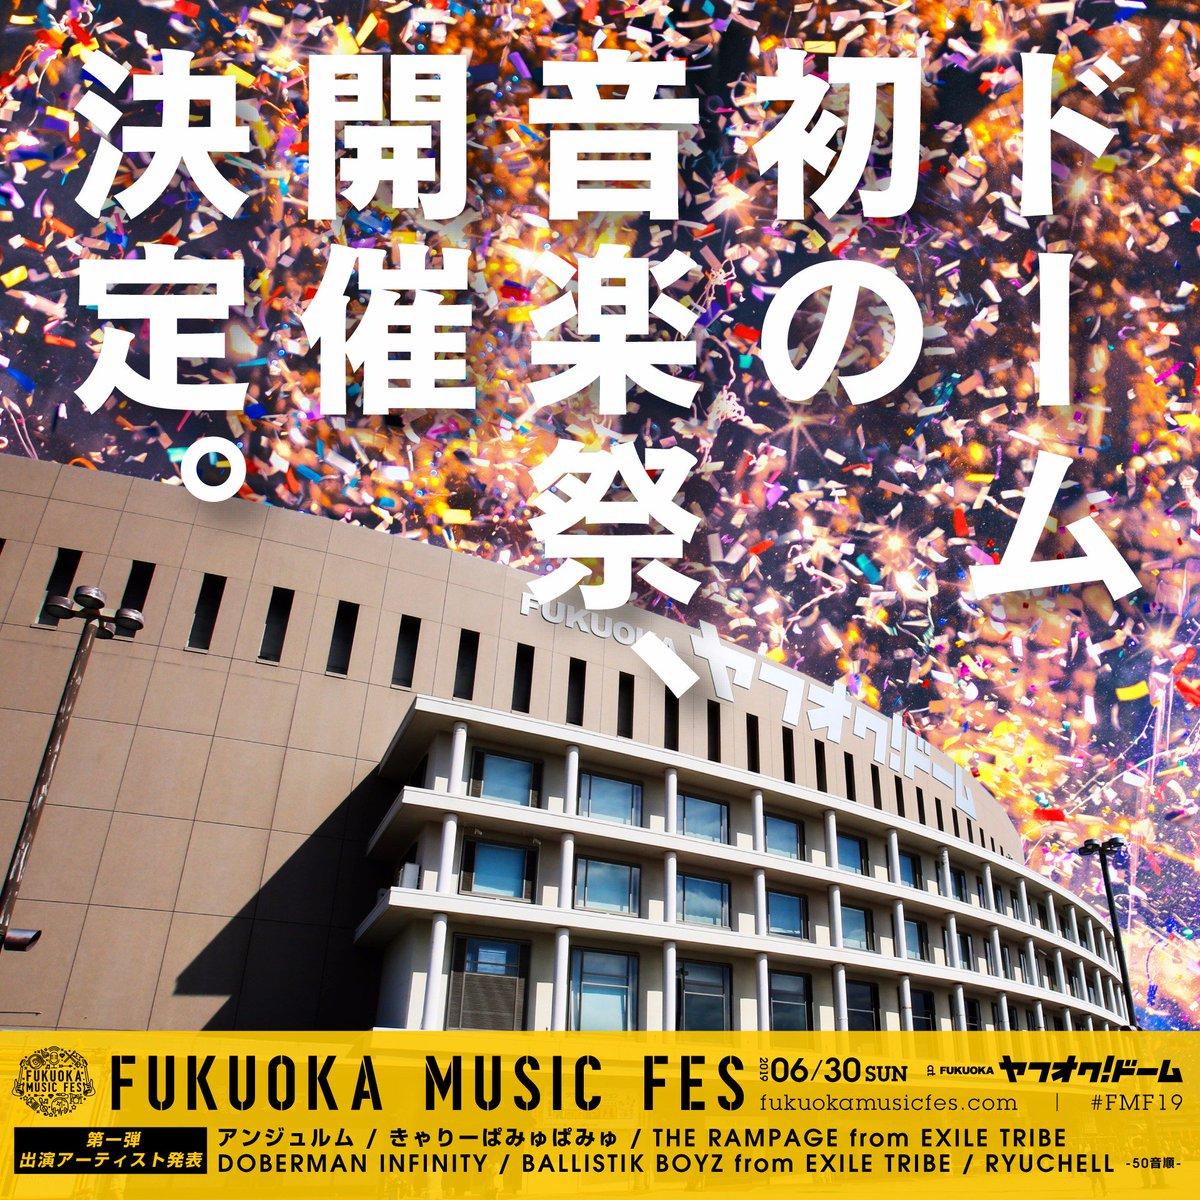 【悲報】今日のNHKうたコンがハロプロ祭り!!!遂に秋元グループは見限られたか???